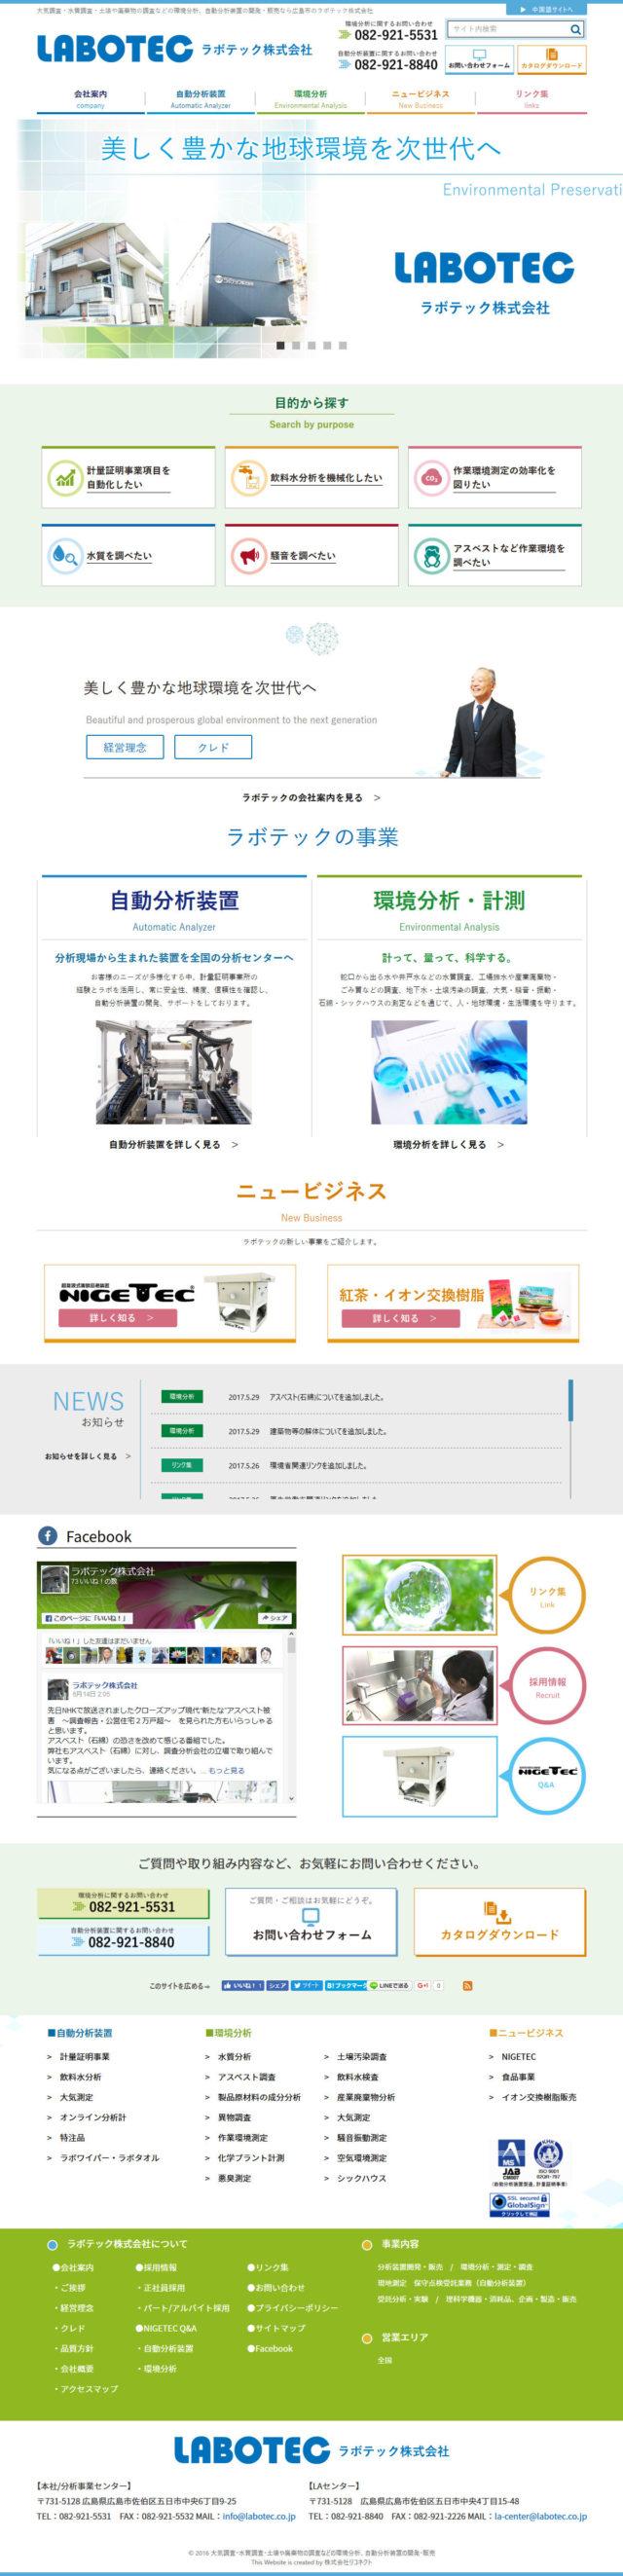 広島県広島市 環境分析・自動分析装置の製造・販売のラボテック 様